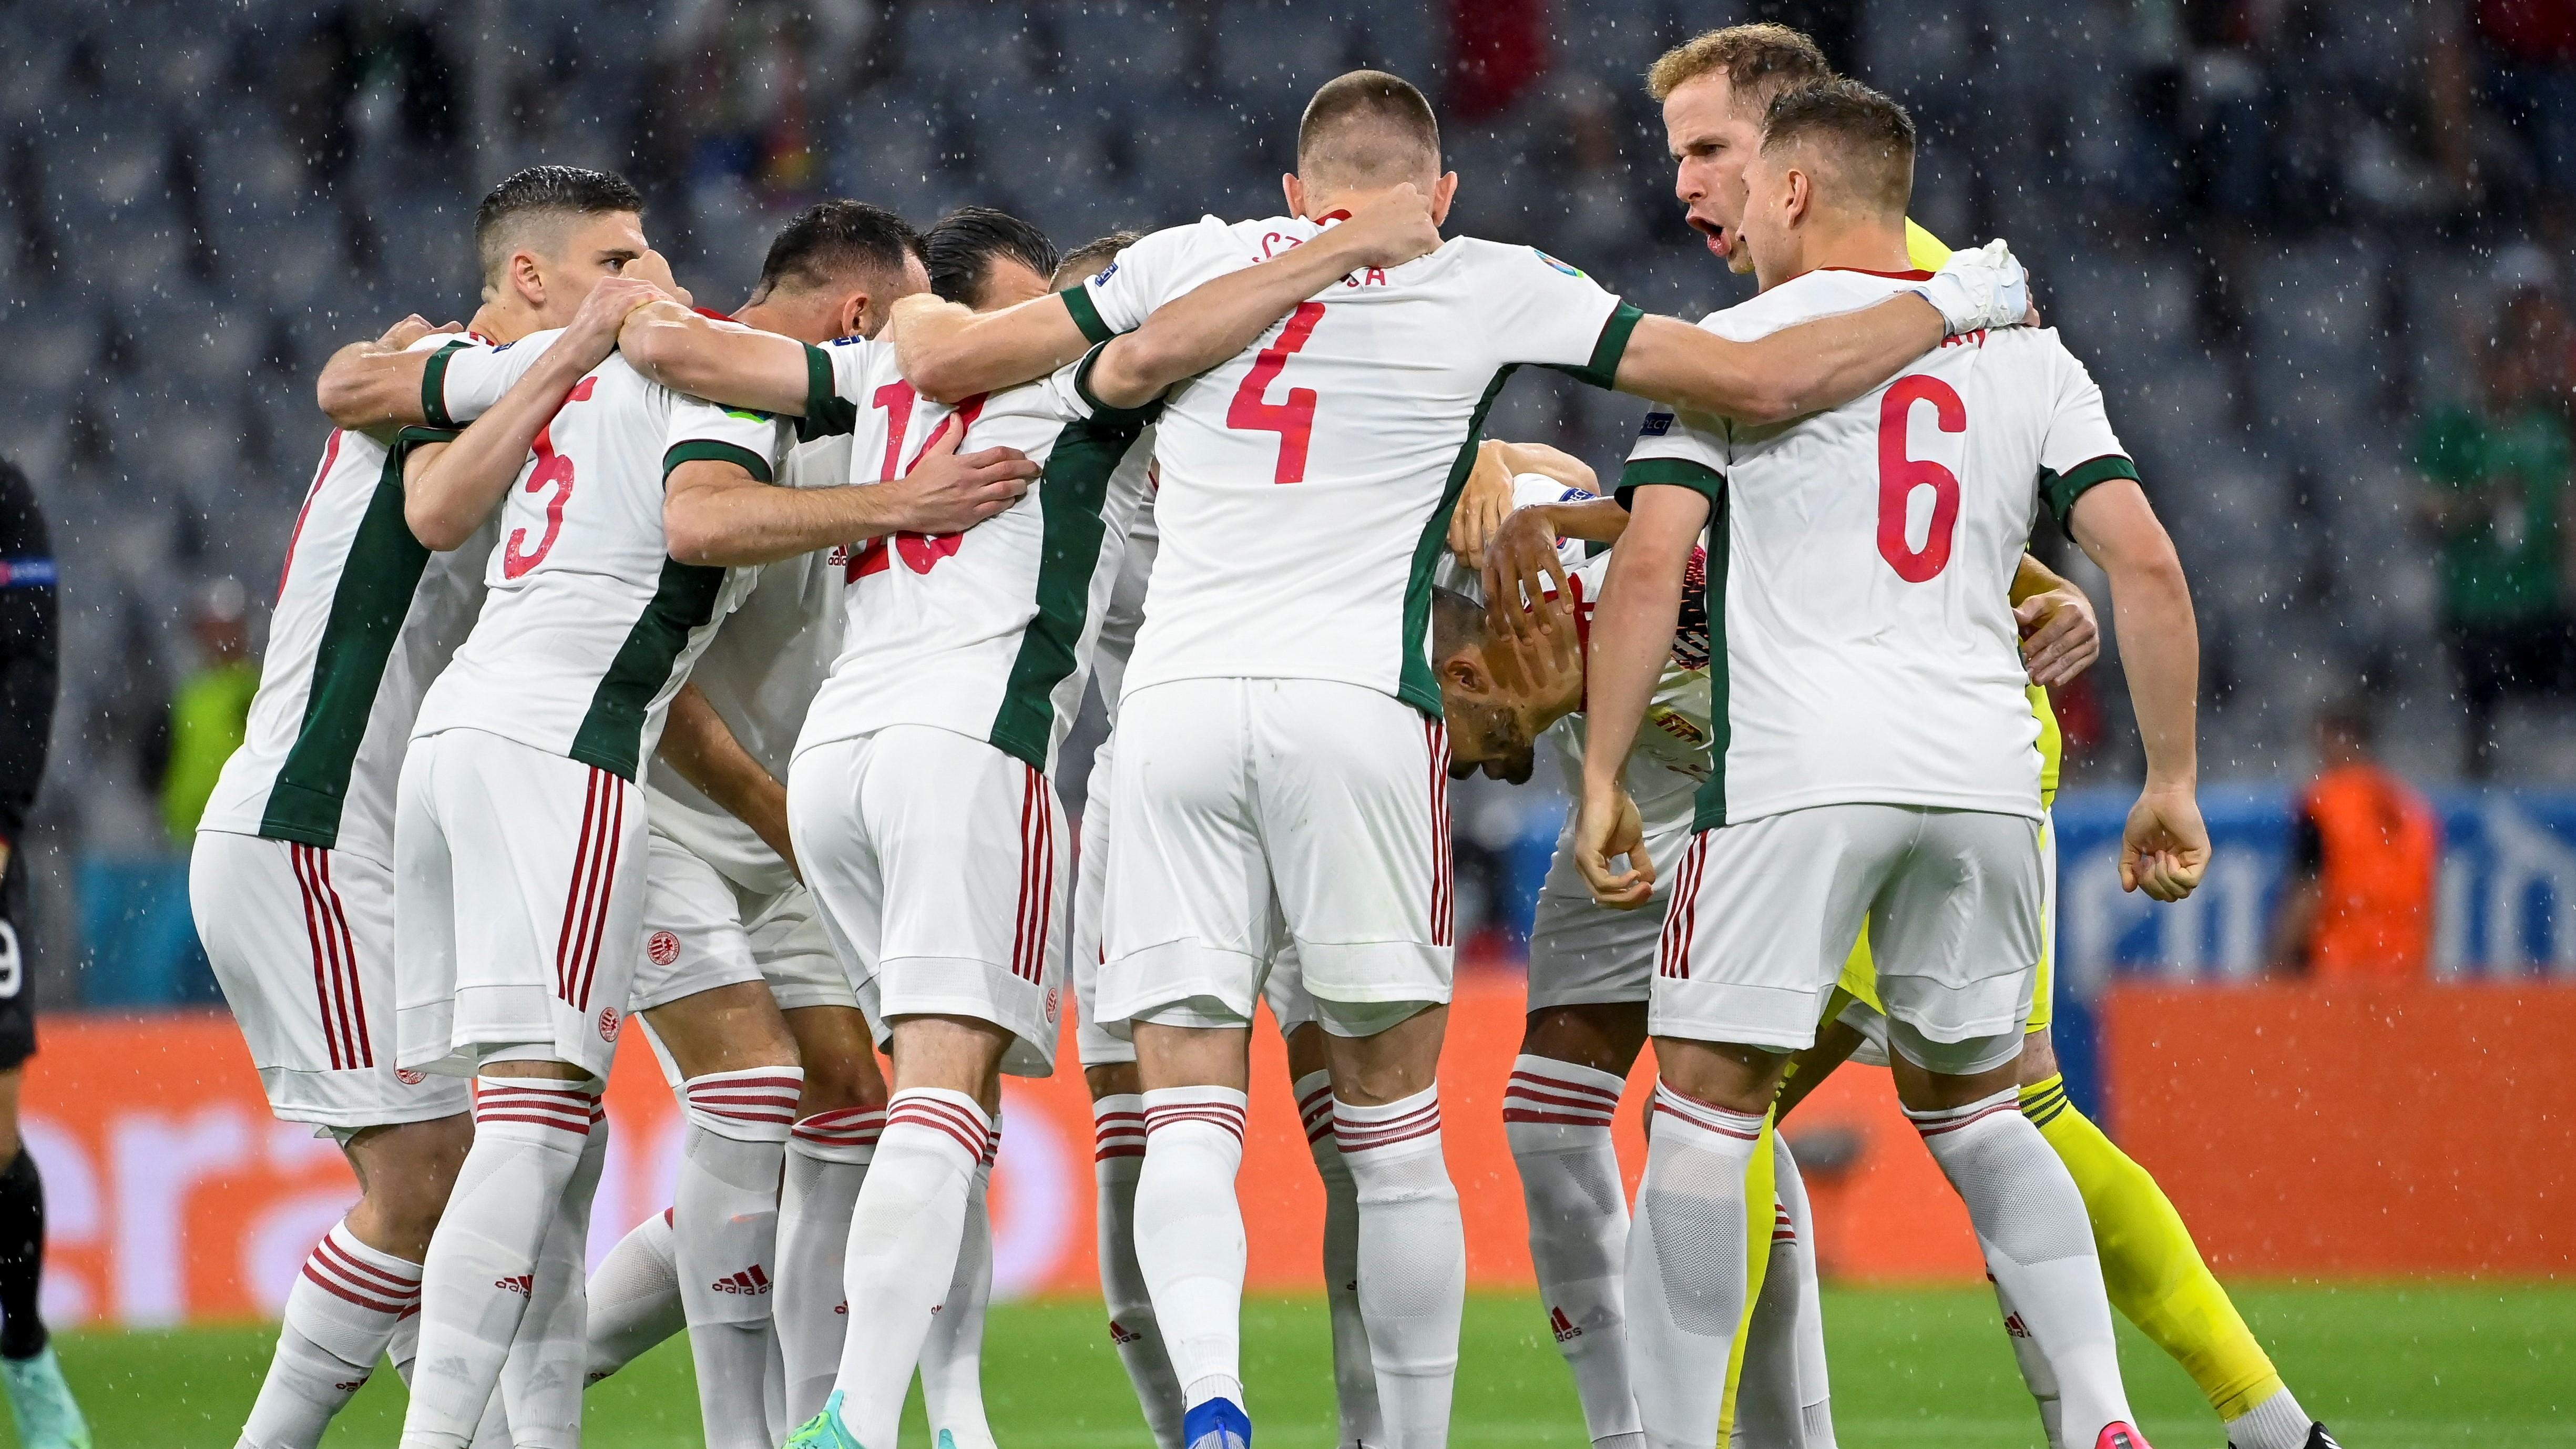 A magyar csapat a Németország - Magyarország mérkõzésen a müncheni Allianz Arénában 2021. június 23-án. Németország-Magyarország 2-2. (Fotó: MTI/Kovács Tamás)